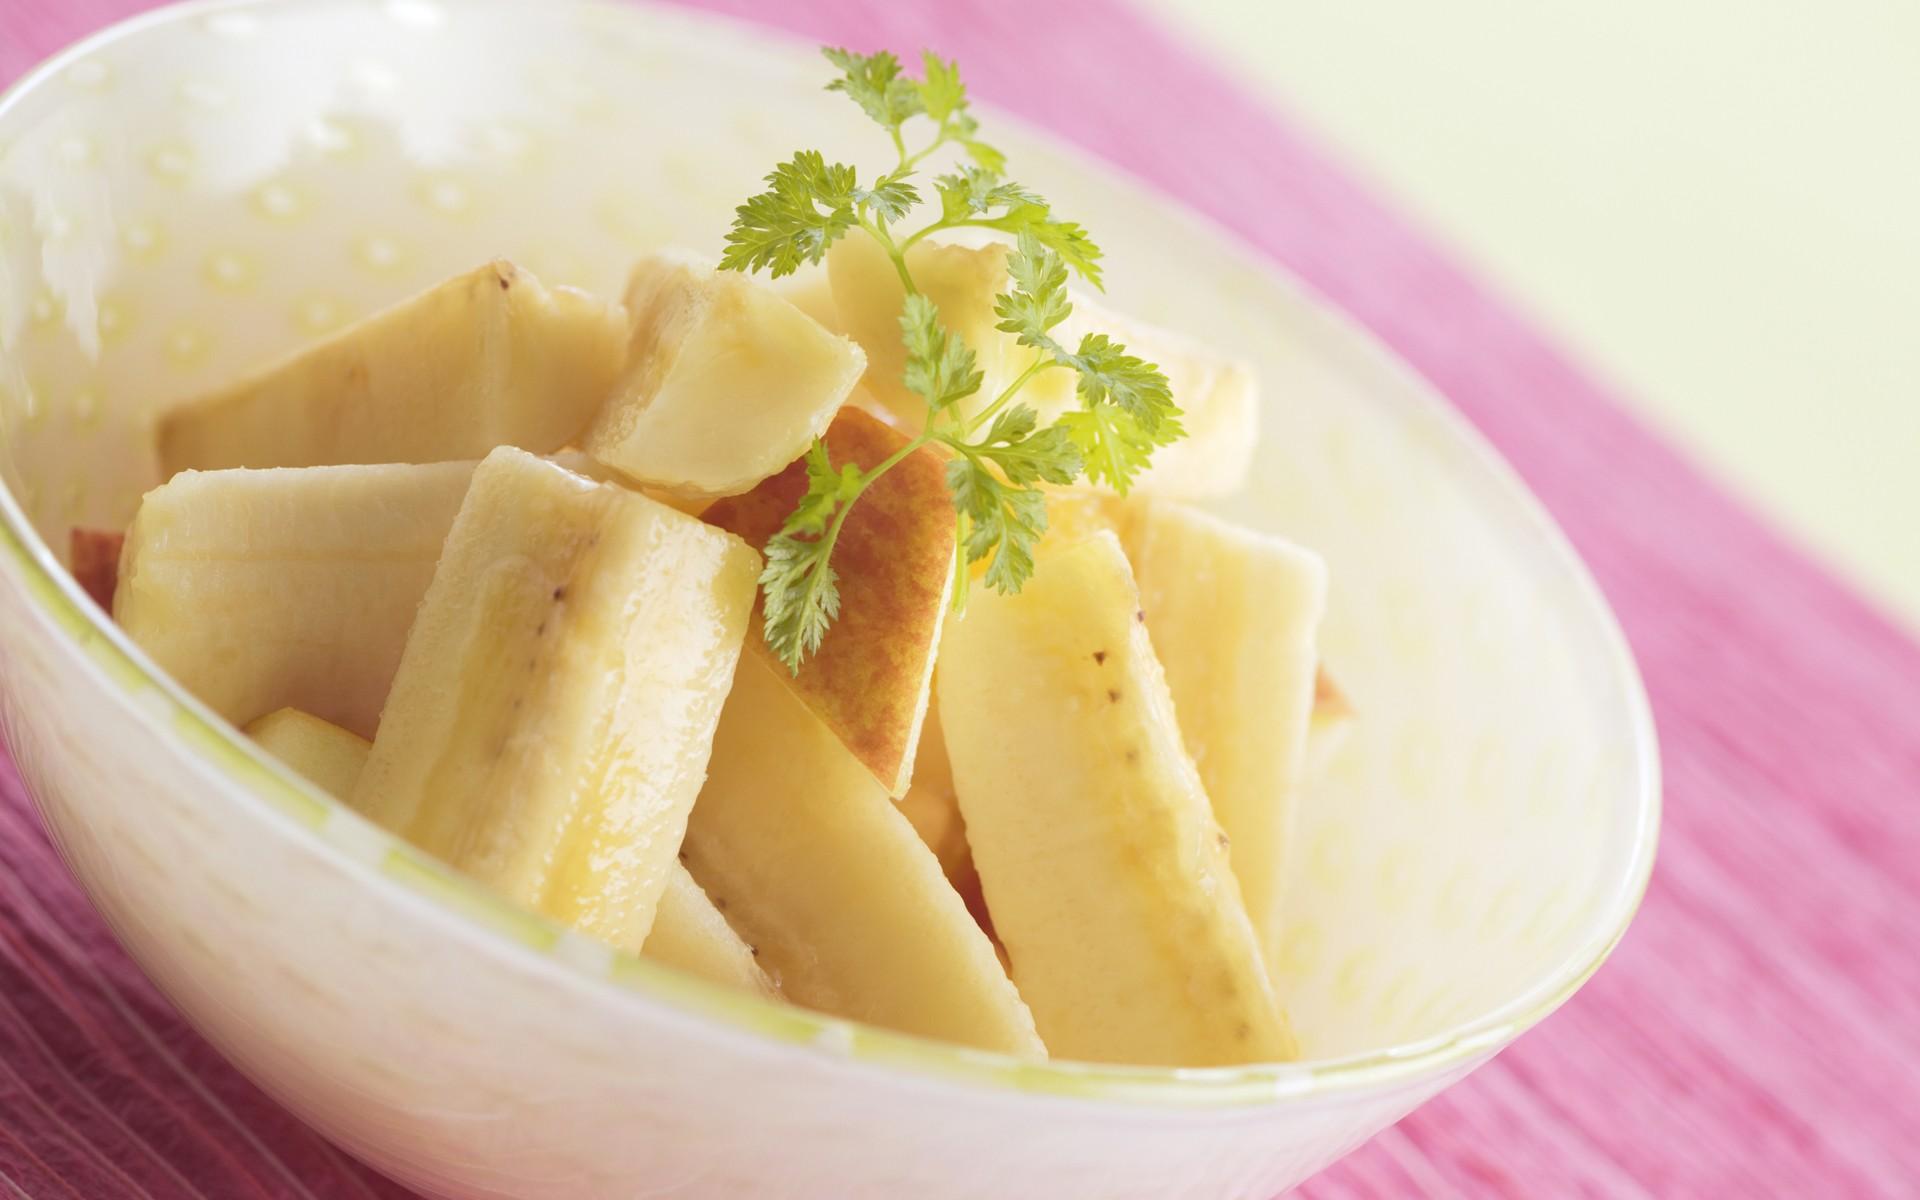 диета на бананах 3 дня отзывы